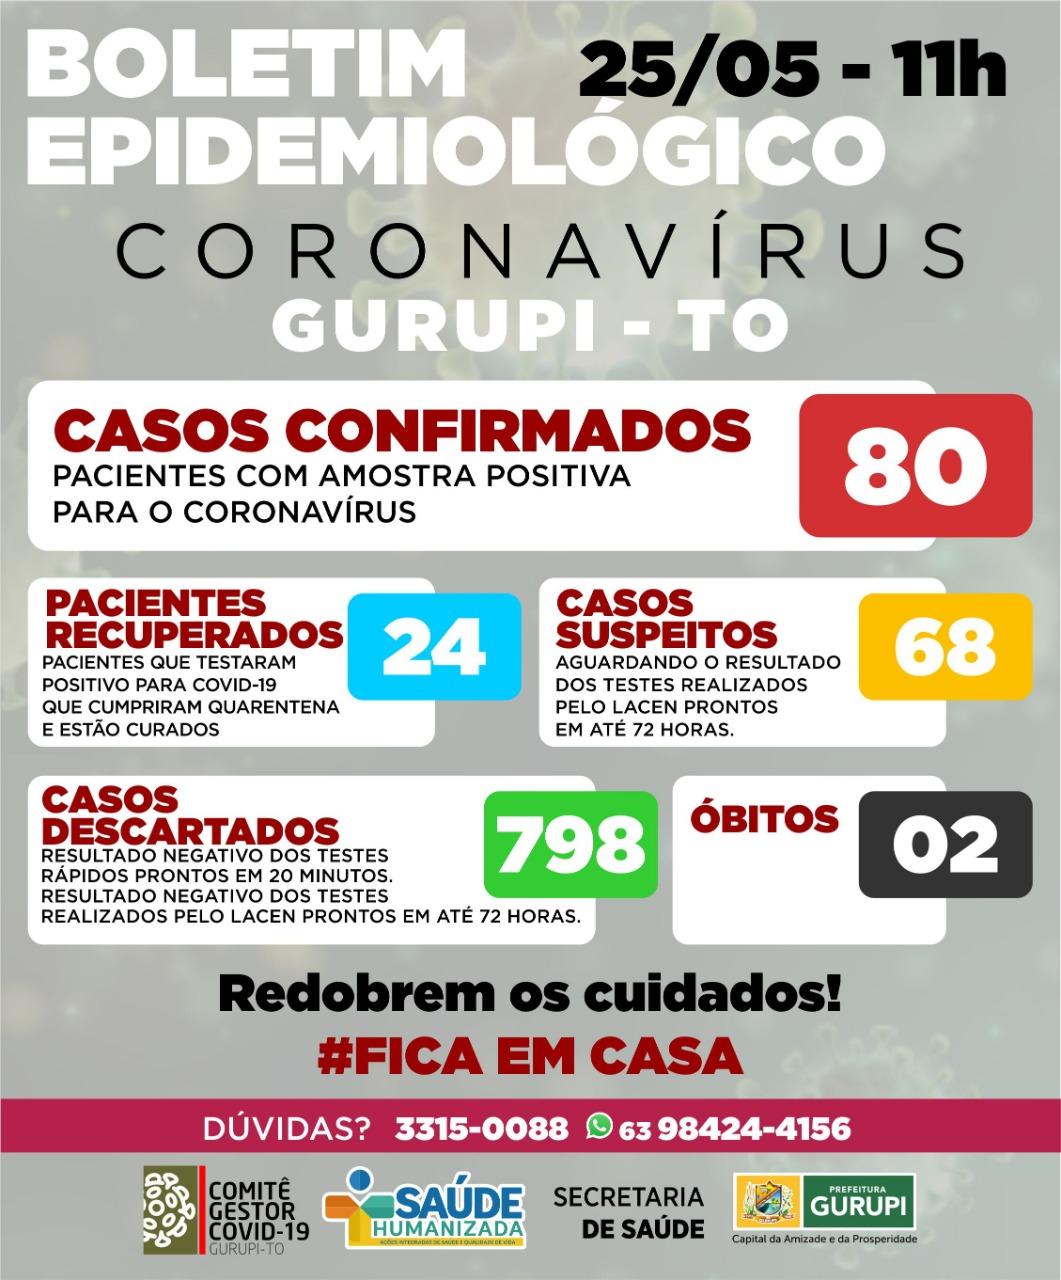 Boletim epidemiológico de Gurupi não registra novos casos de covid-19 e número permanece em 80